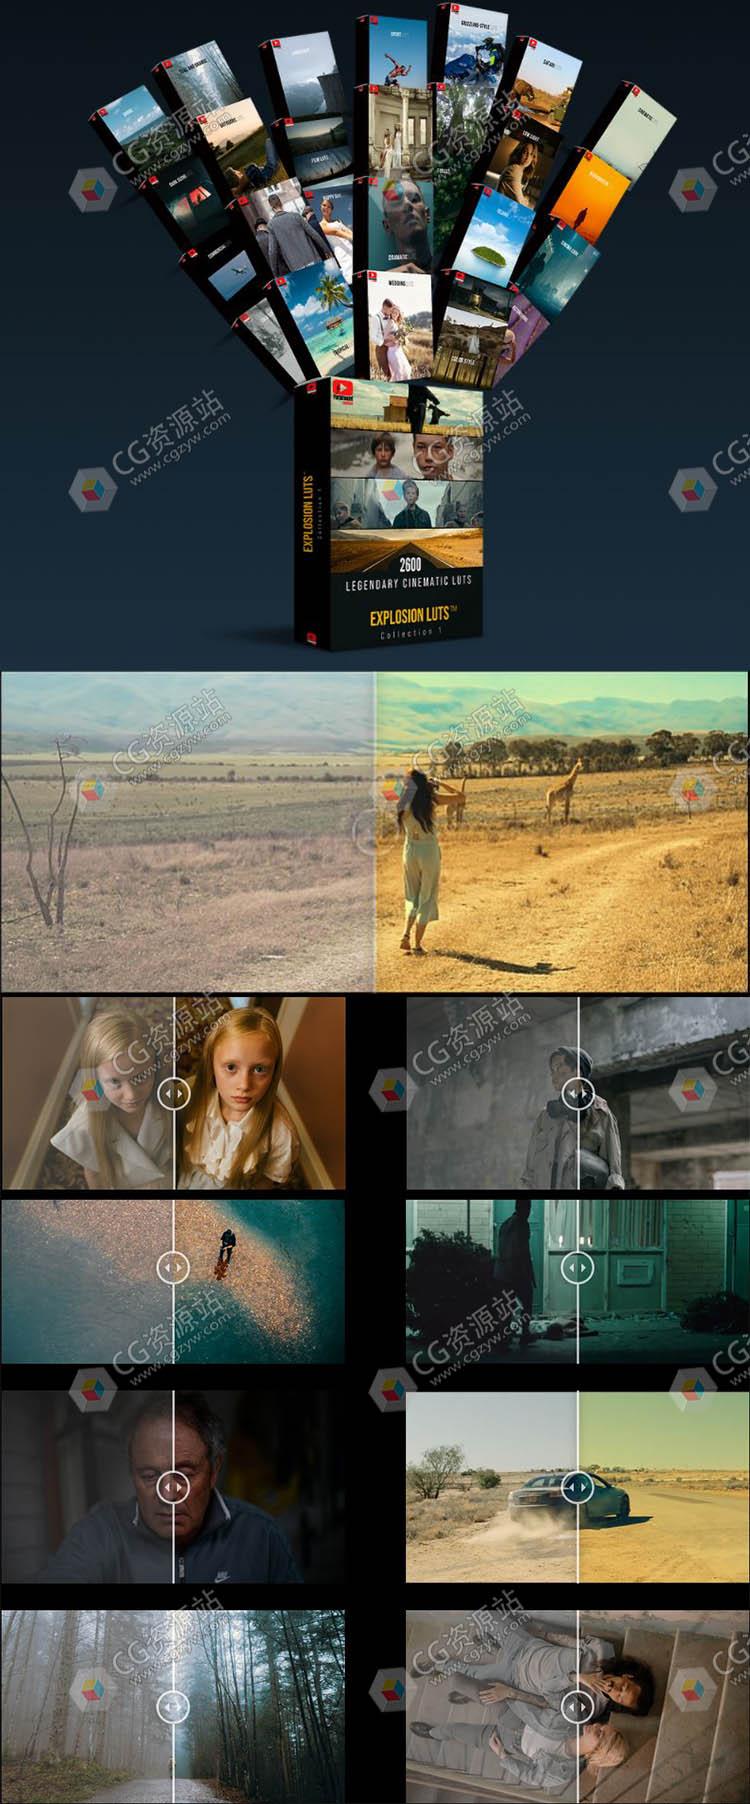 3100个电影级LUTs视频调色预设合集1&2